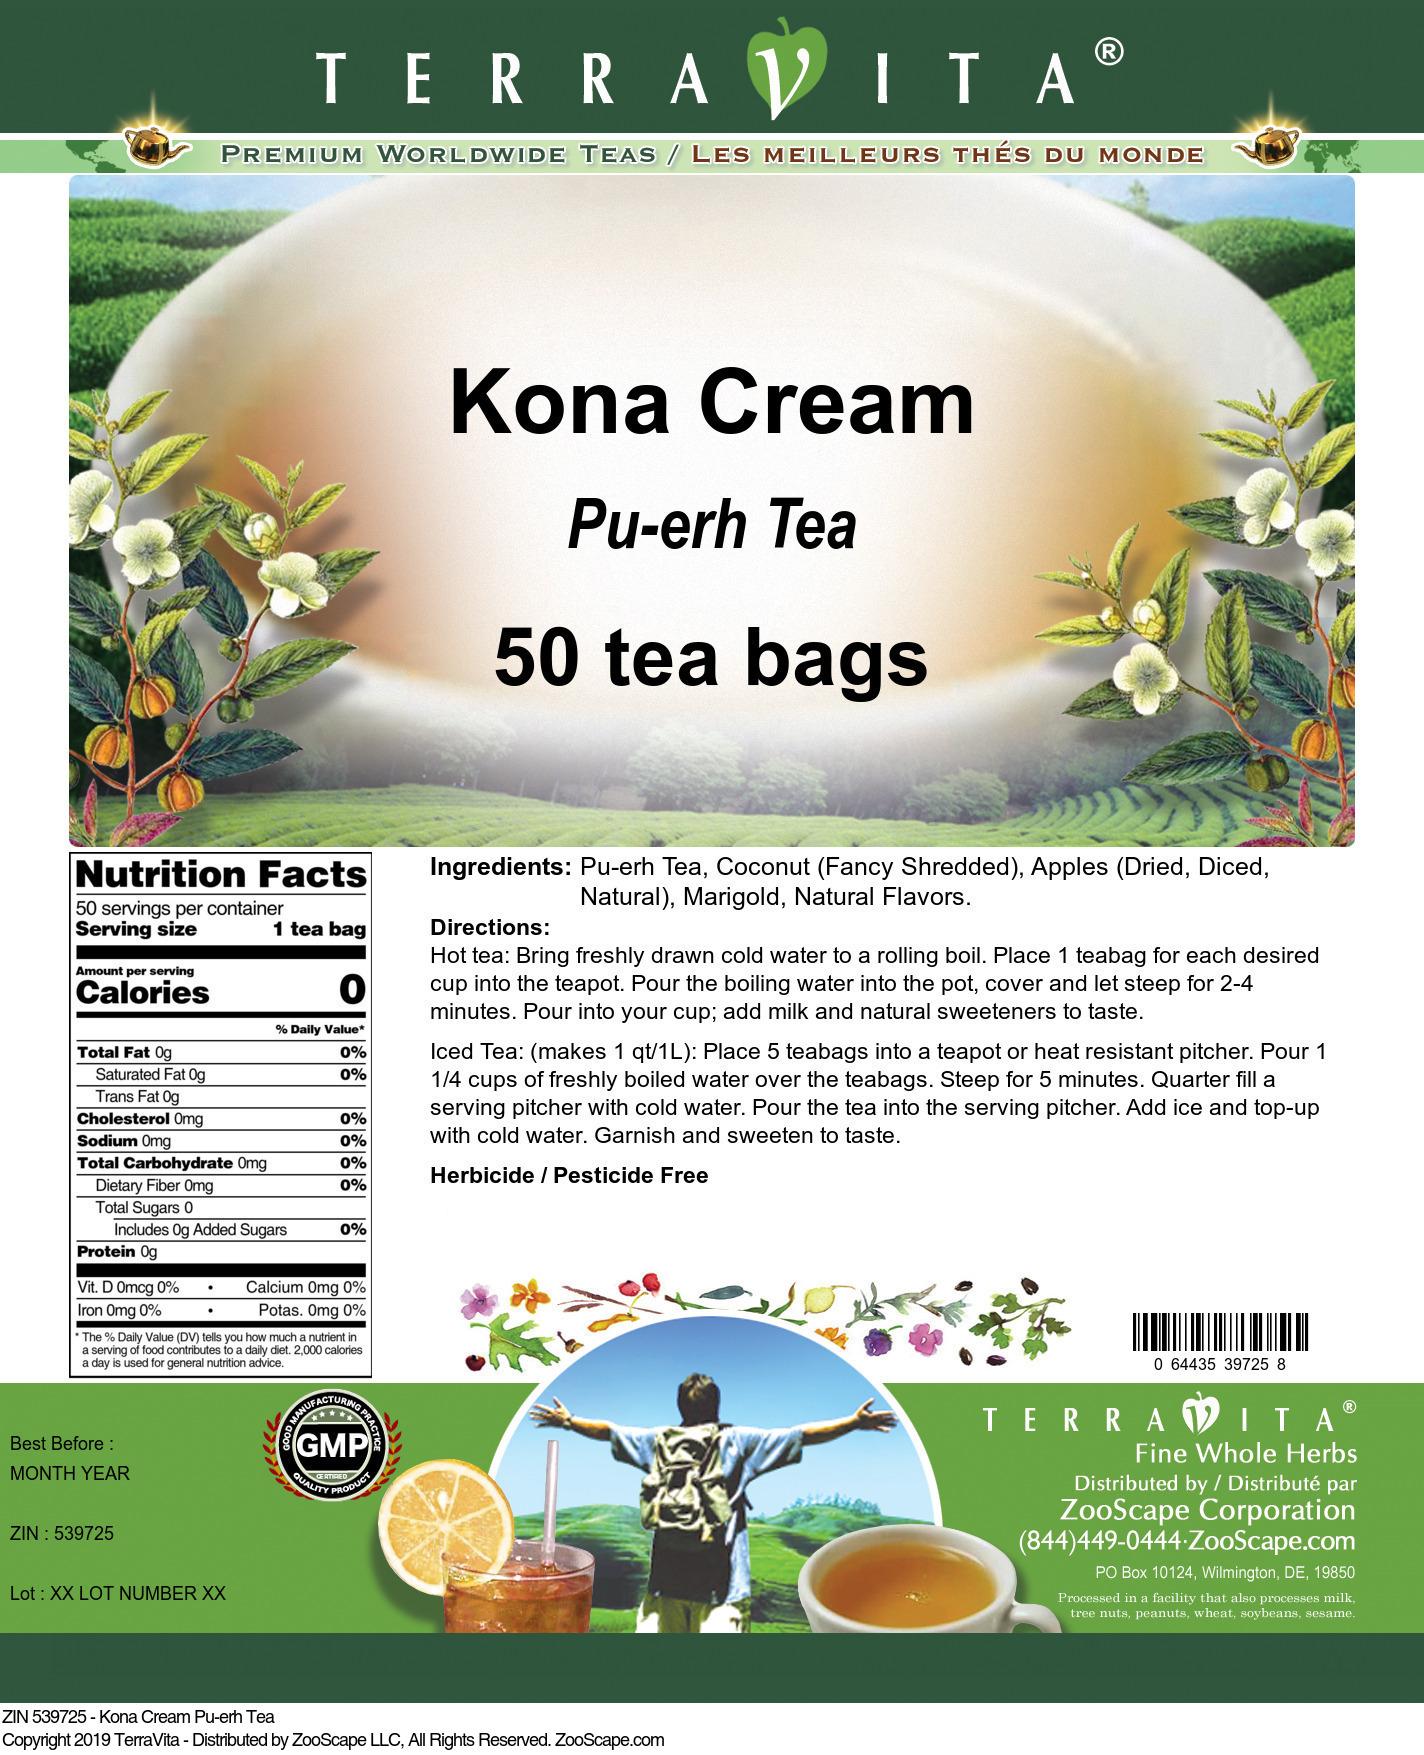 Kona Cream Pu-erh Tea